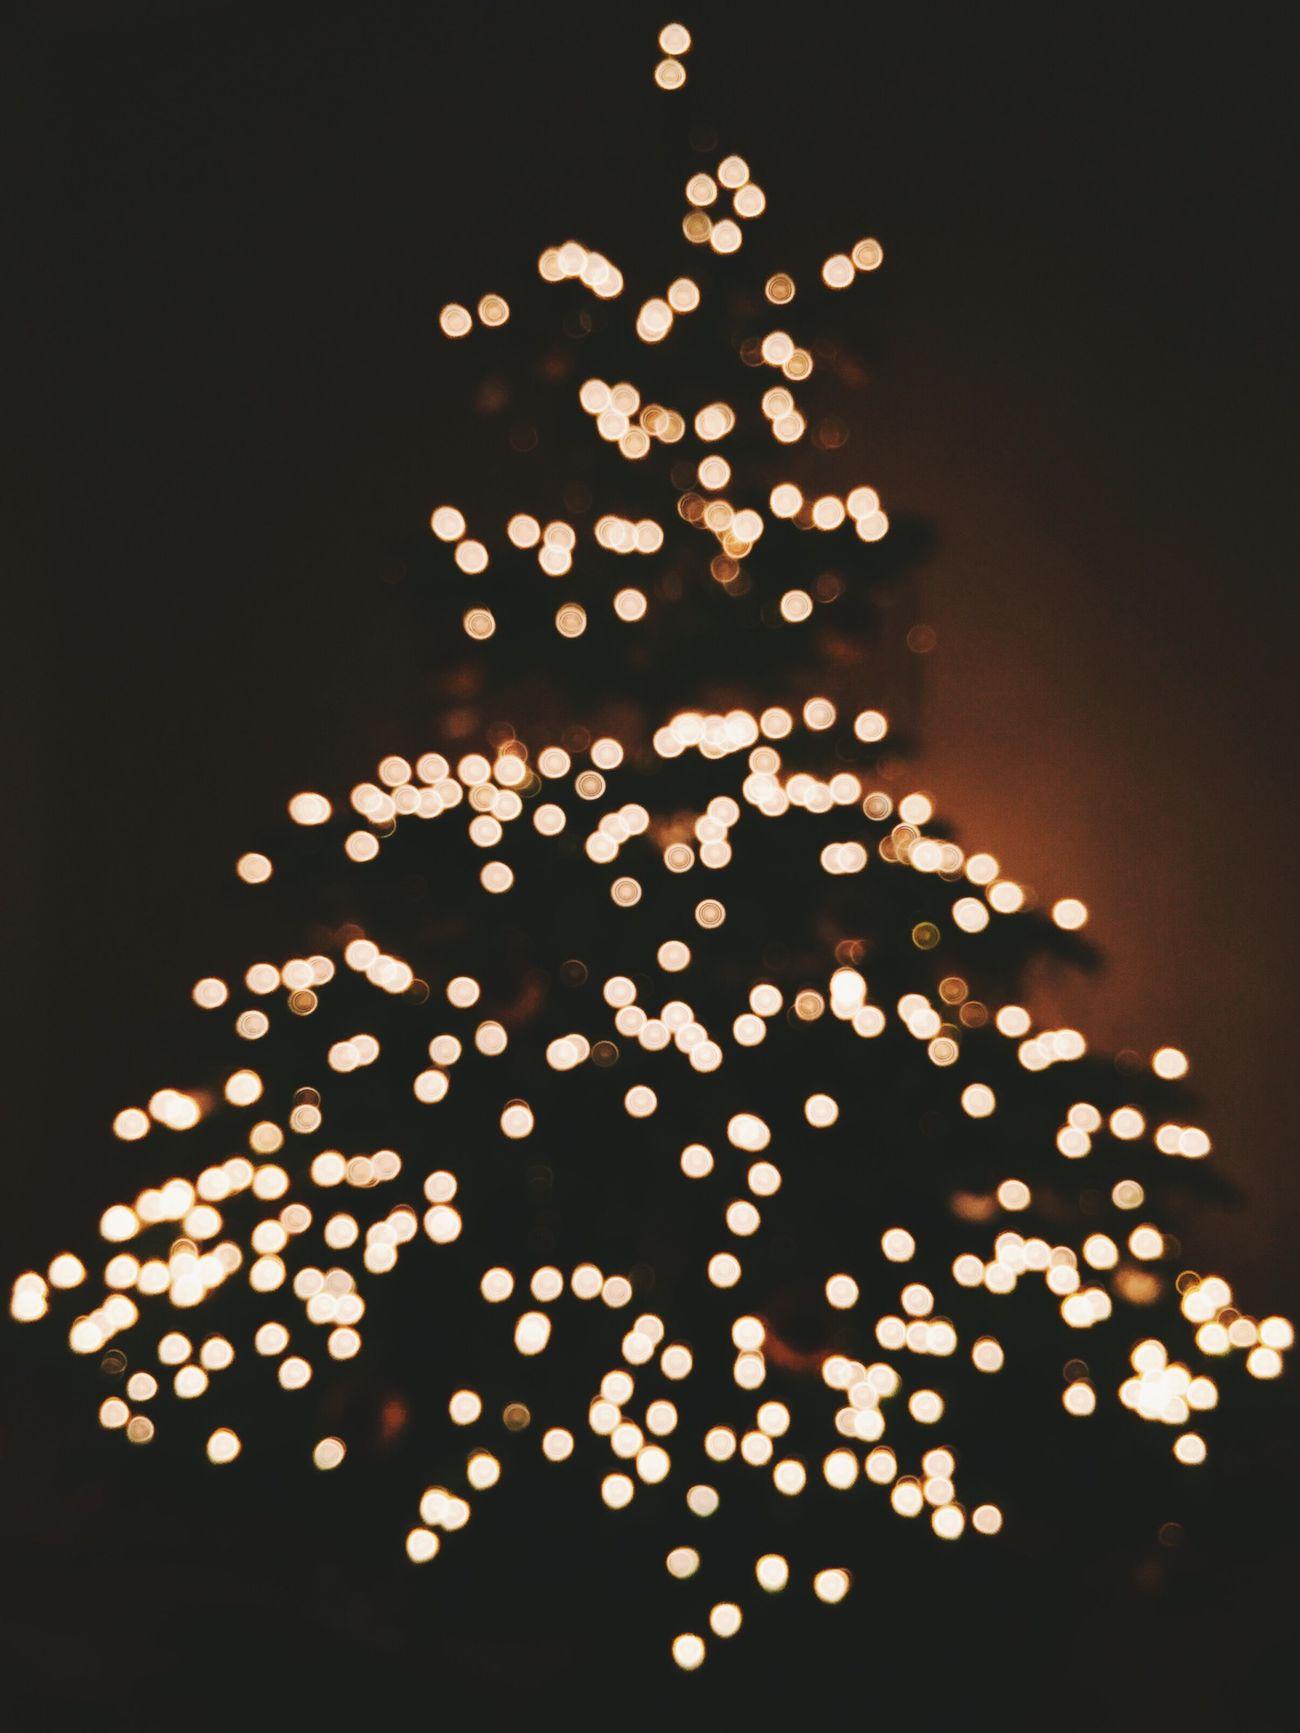 Christmas Christmas Tree Merry Christmas! Bokeh